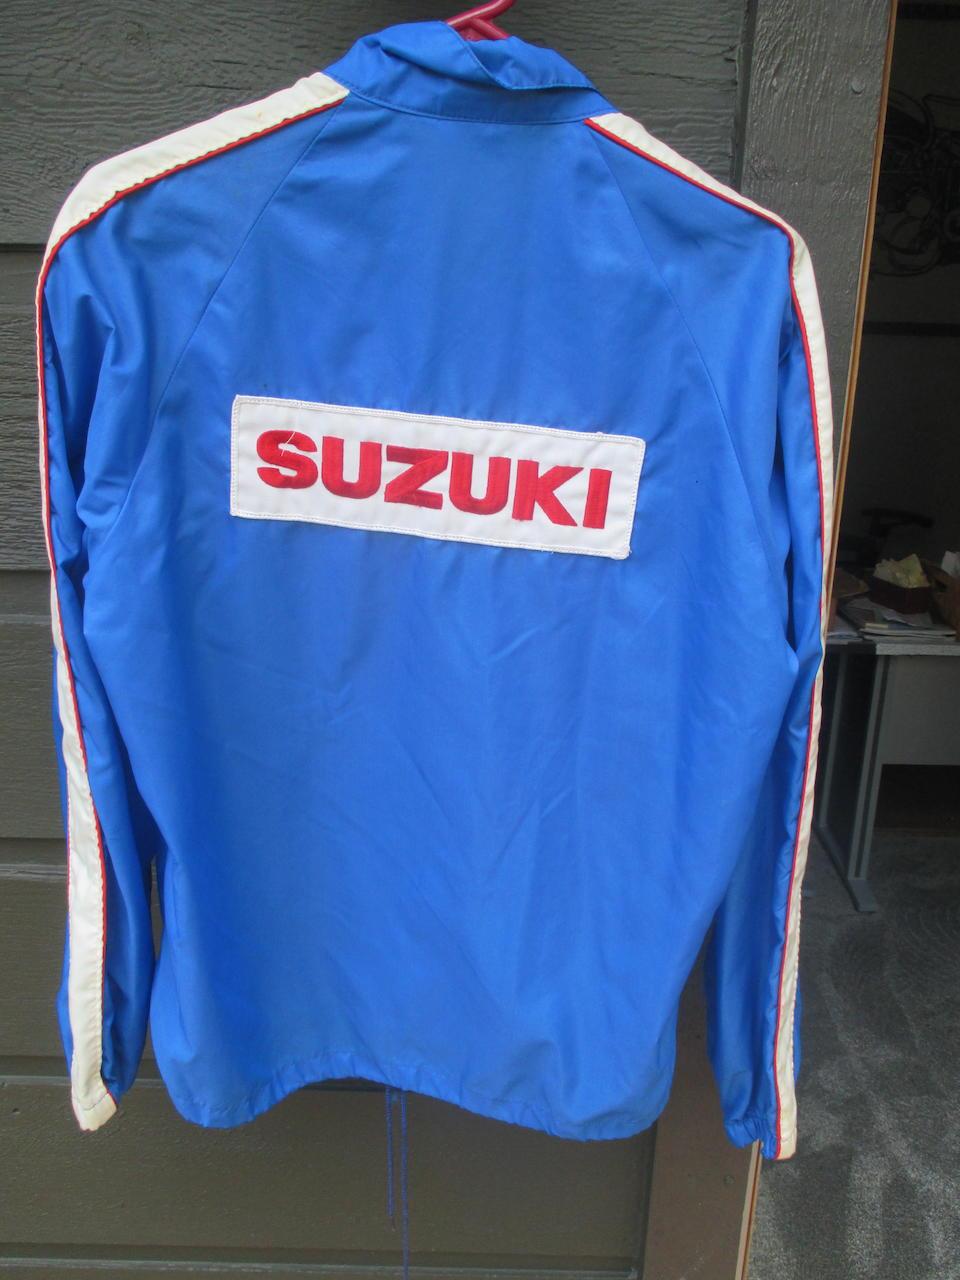 A Team Suzuki jacket signed by Gary Nixon